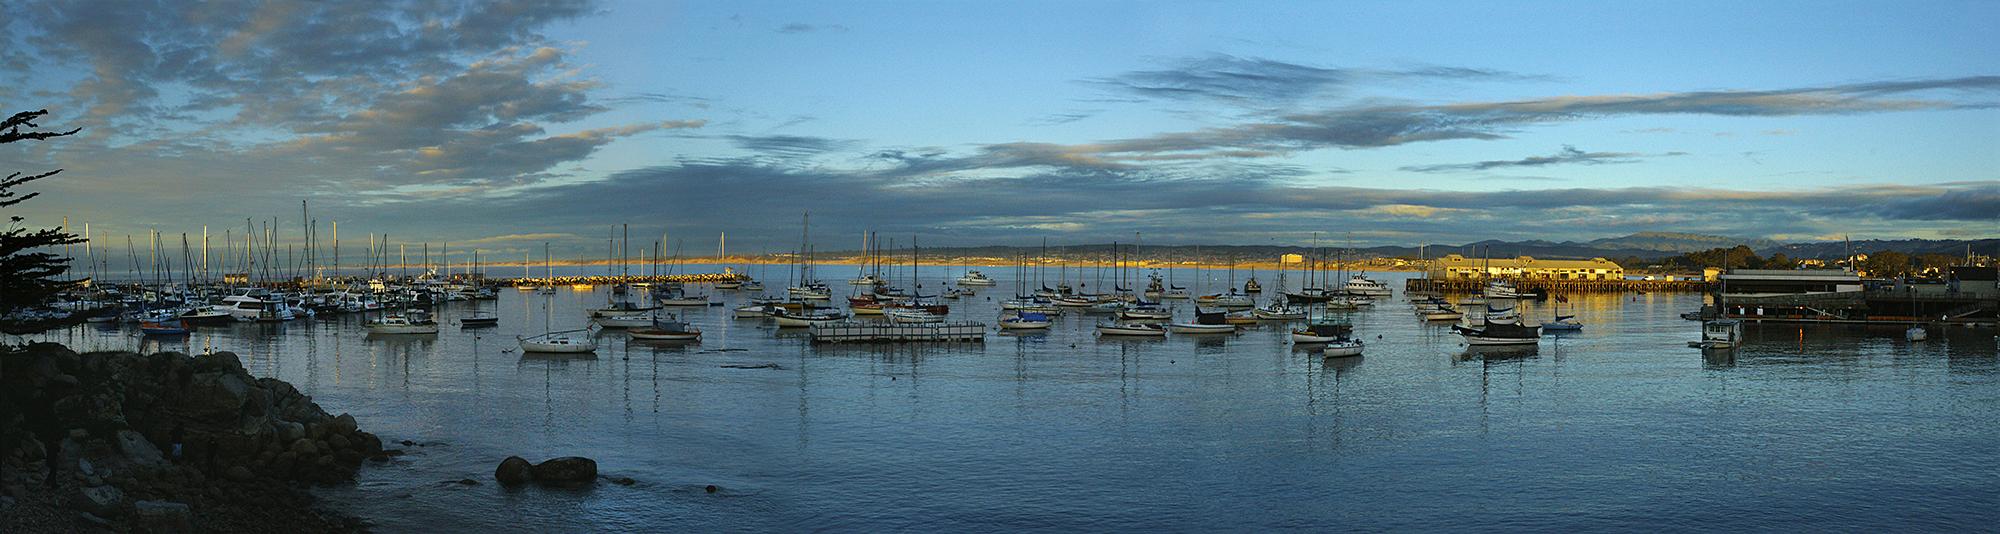 07 Monterey Bay.jpg